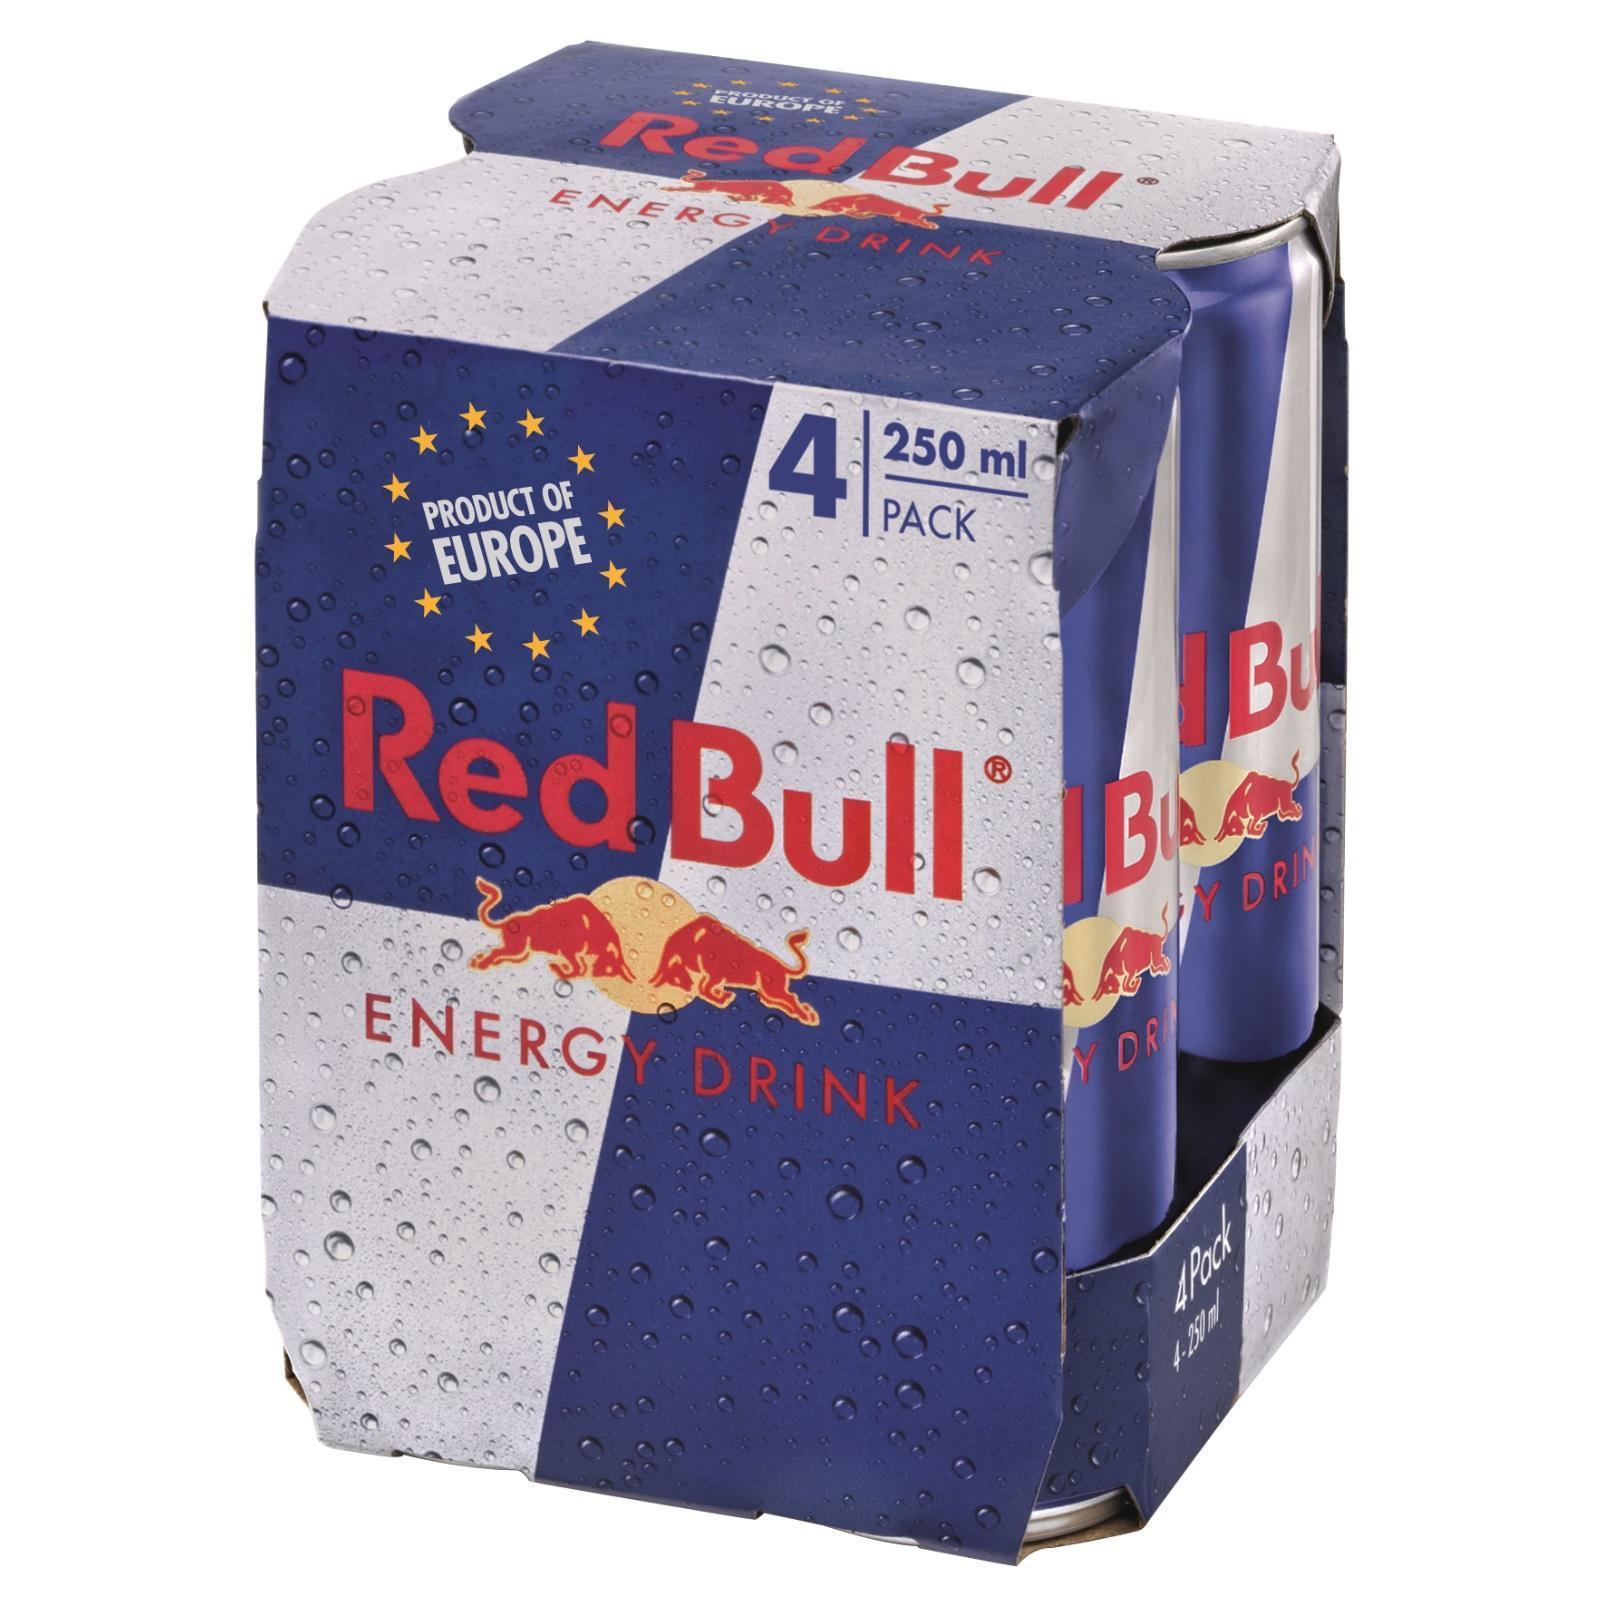 RED BULL Energy Drink Regular 4sX250ml